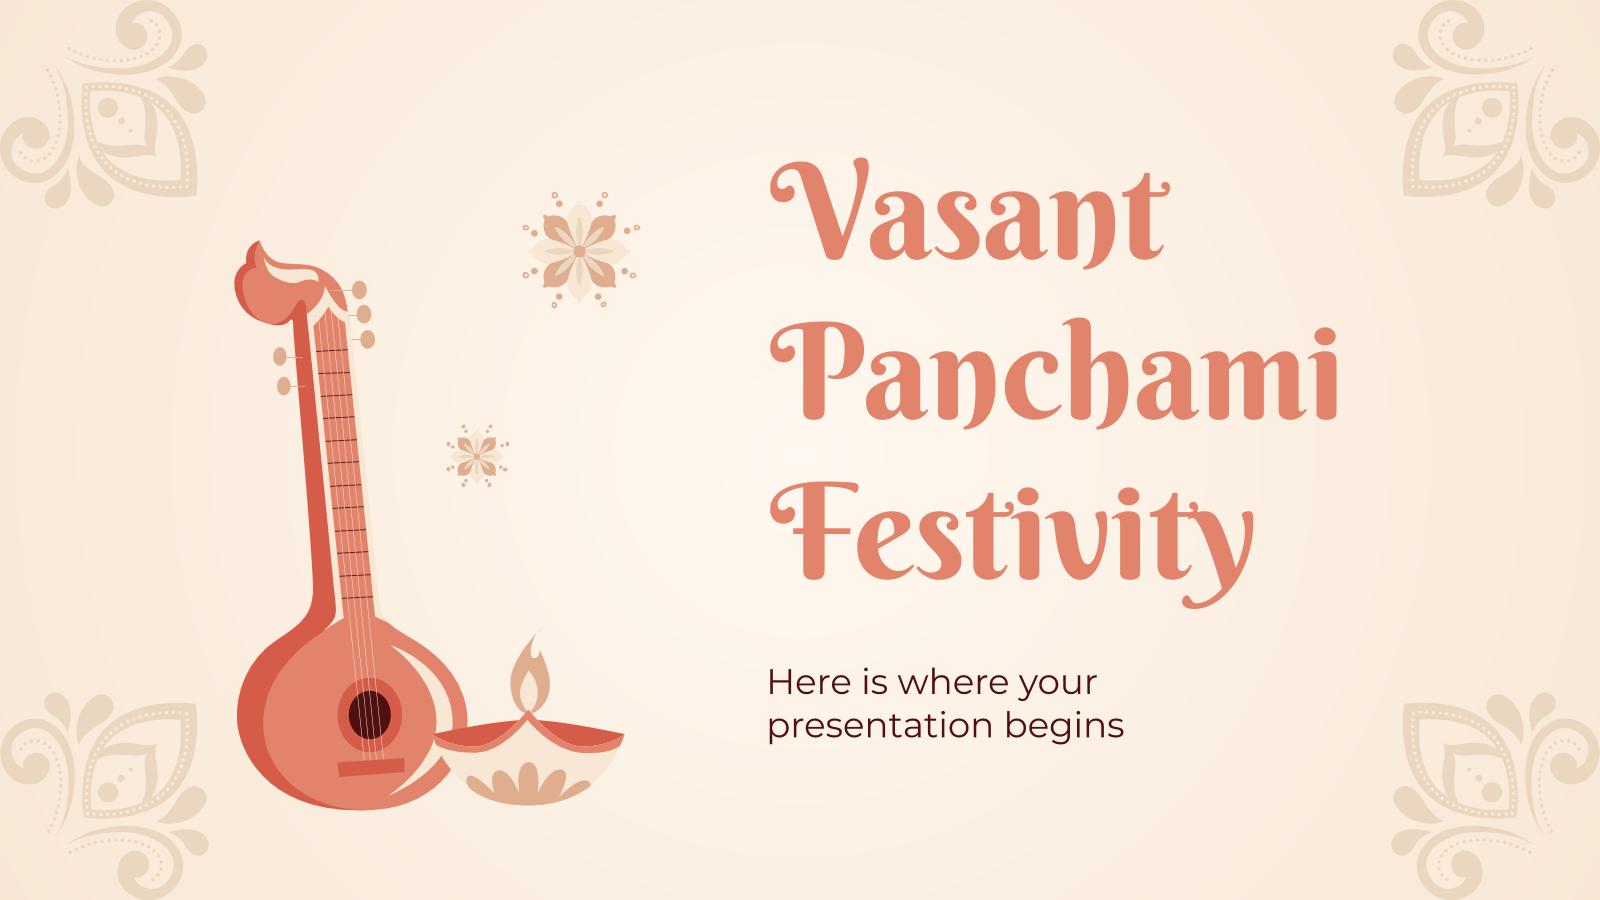 Fête du Panchami Vasant : Modèles de présentation